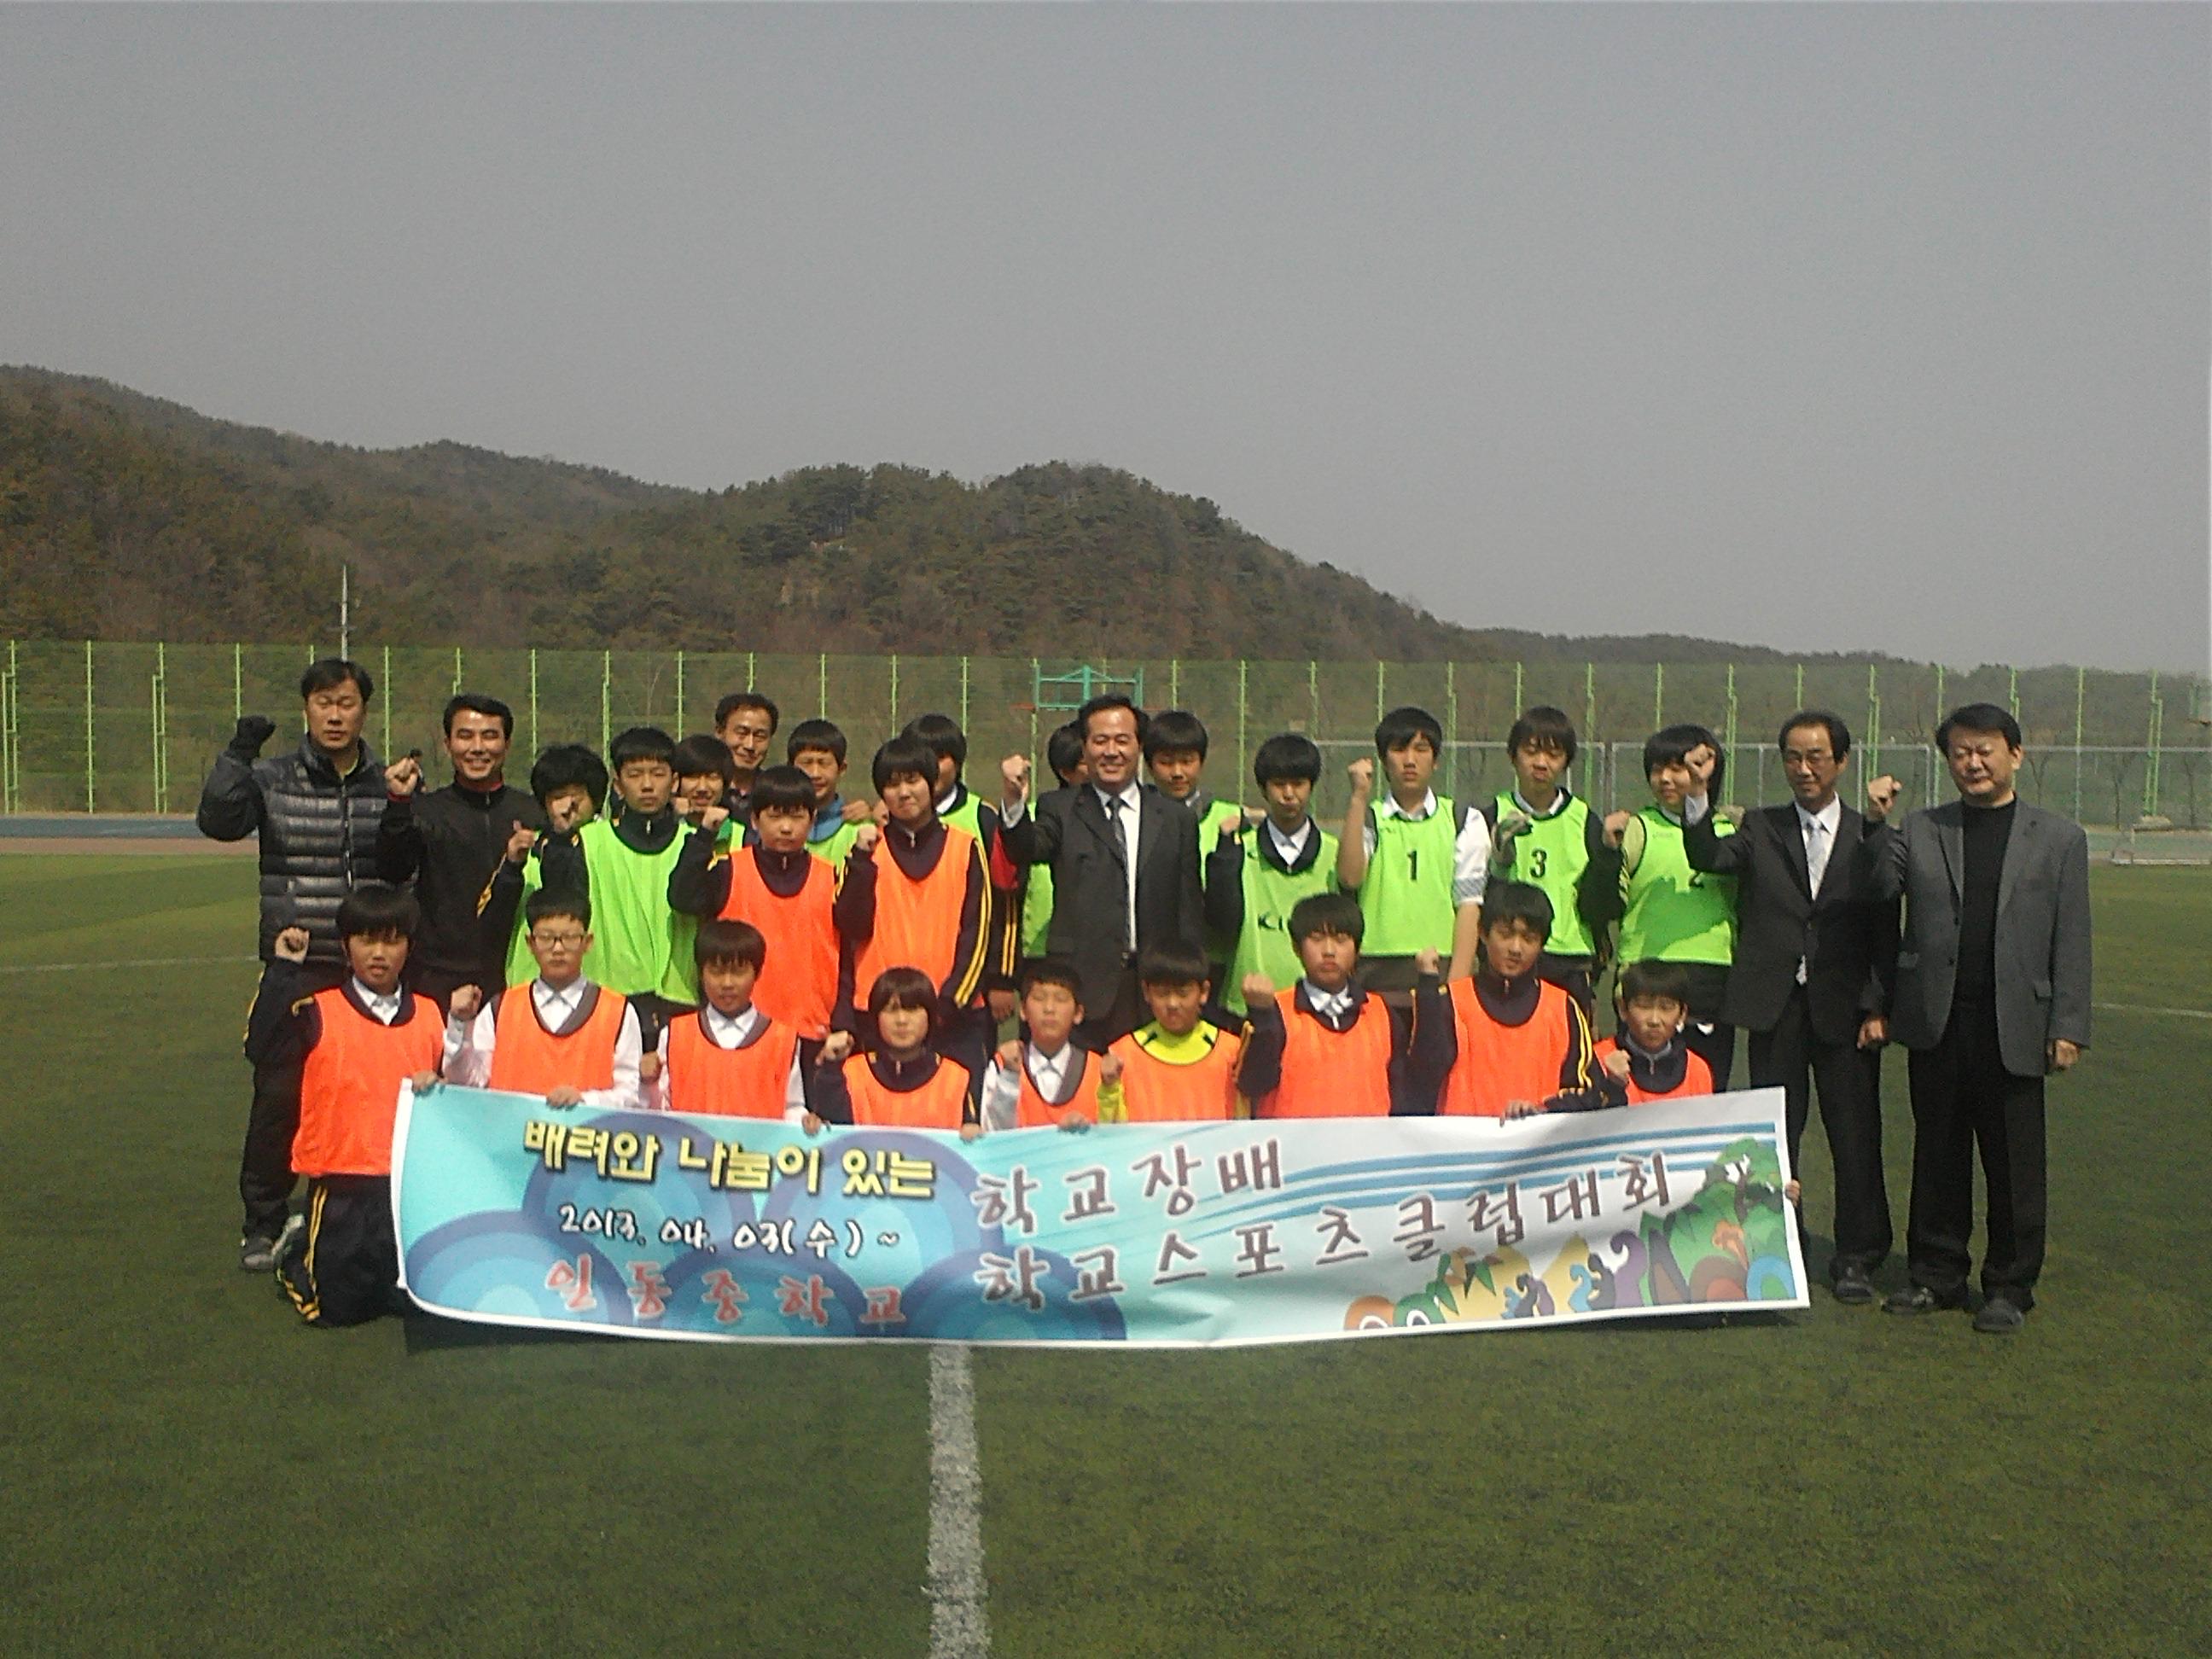 [일반] 배려와 나눔이 있는 2013학교장배 학교스포츠클럽대회의 첨부이미지 2